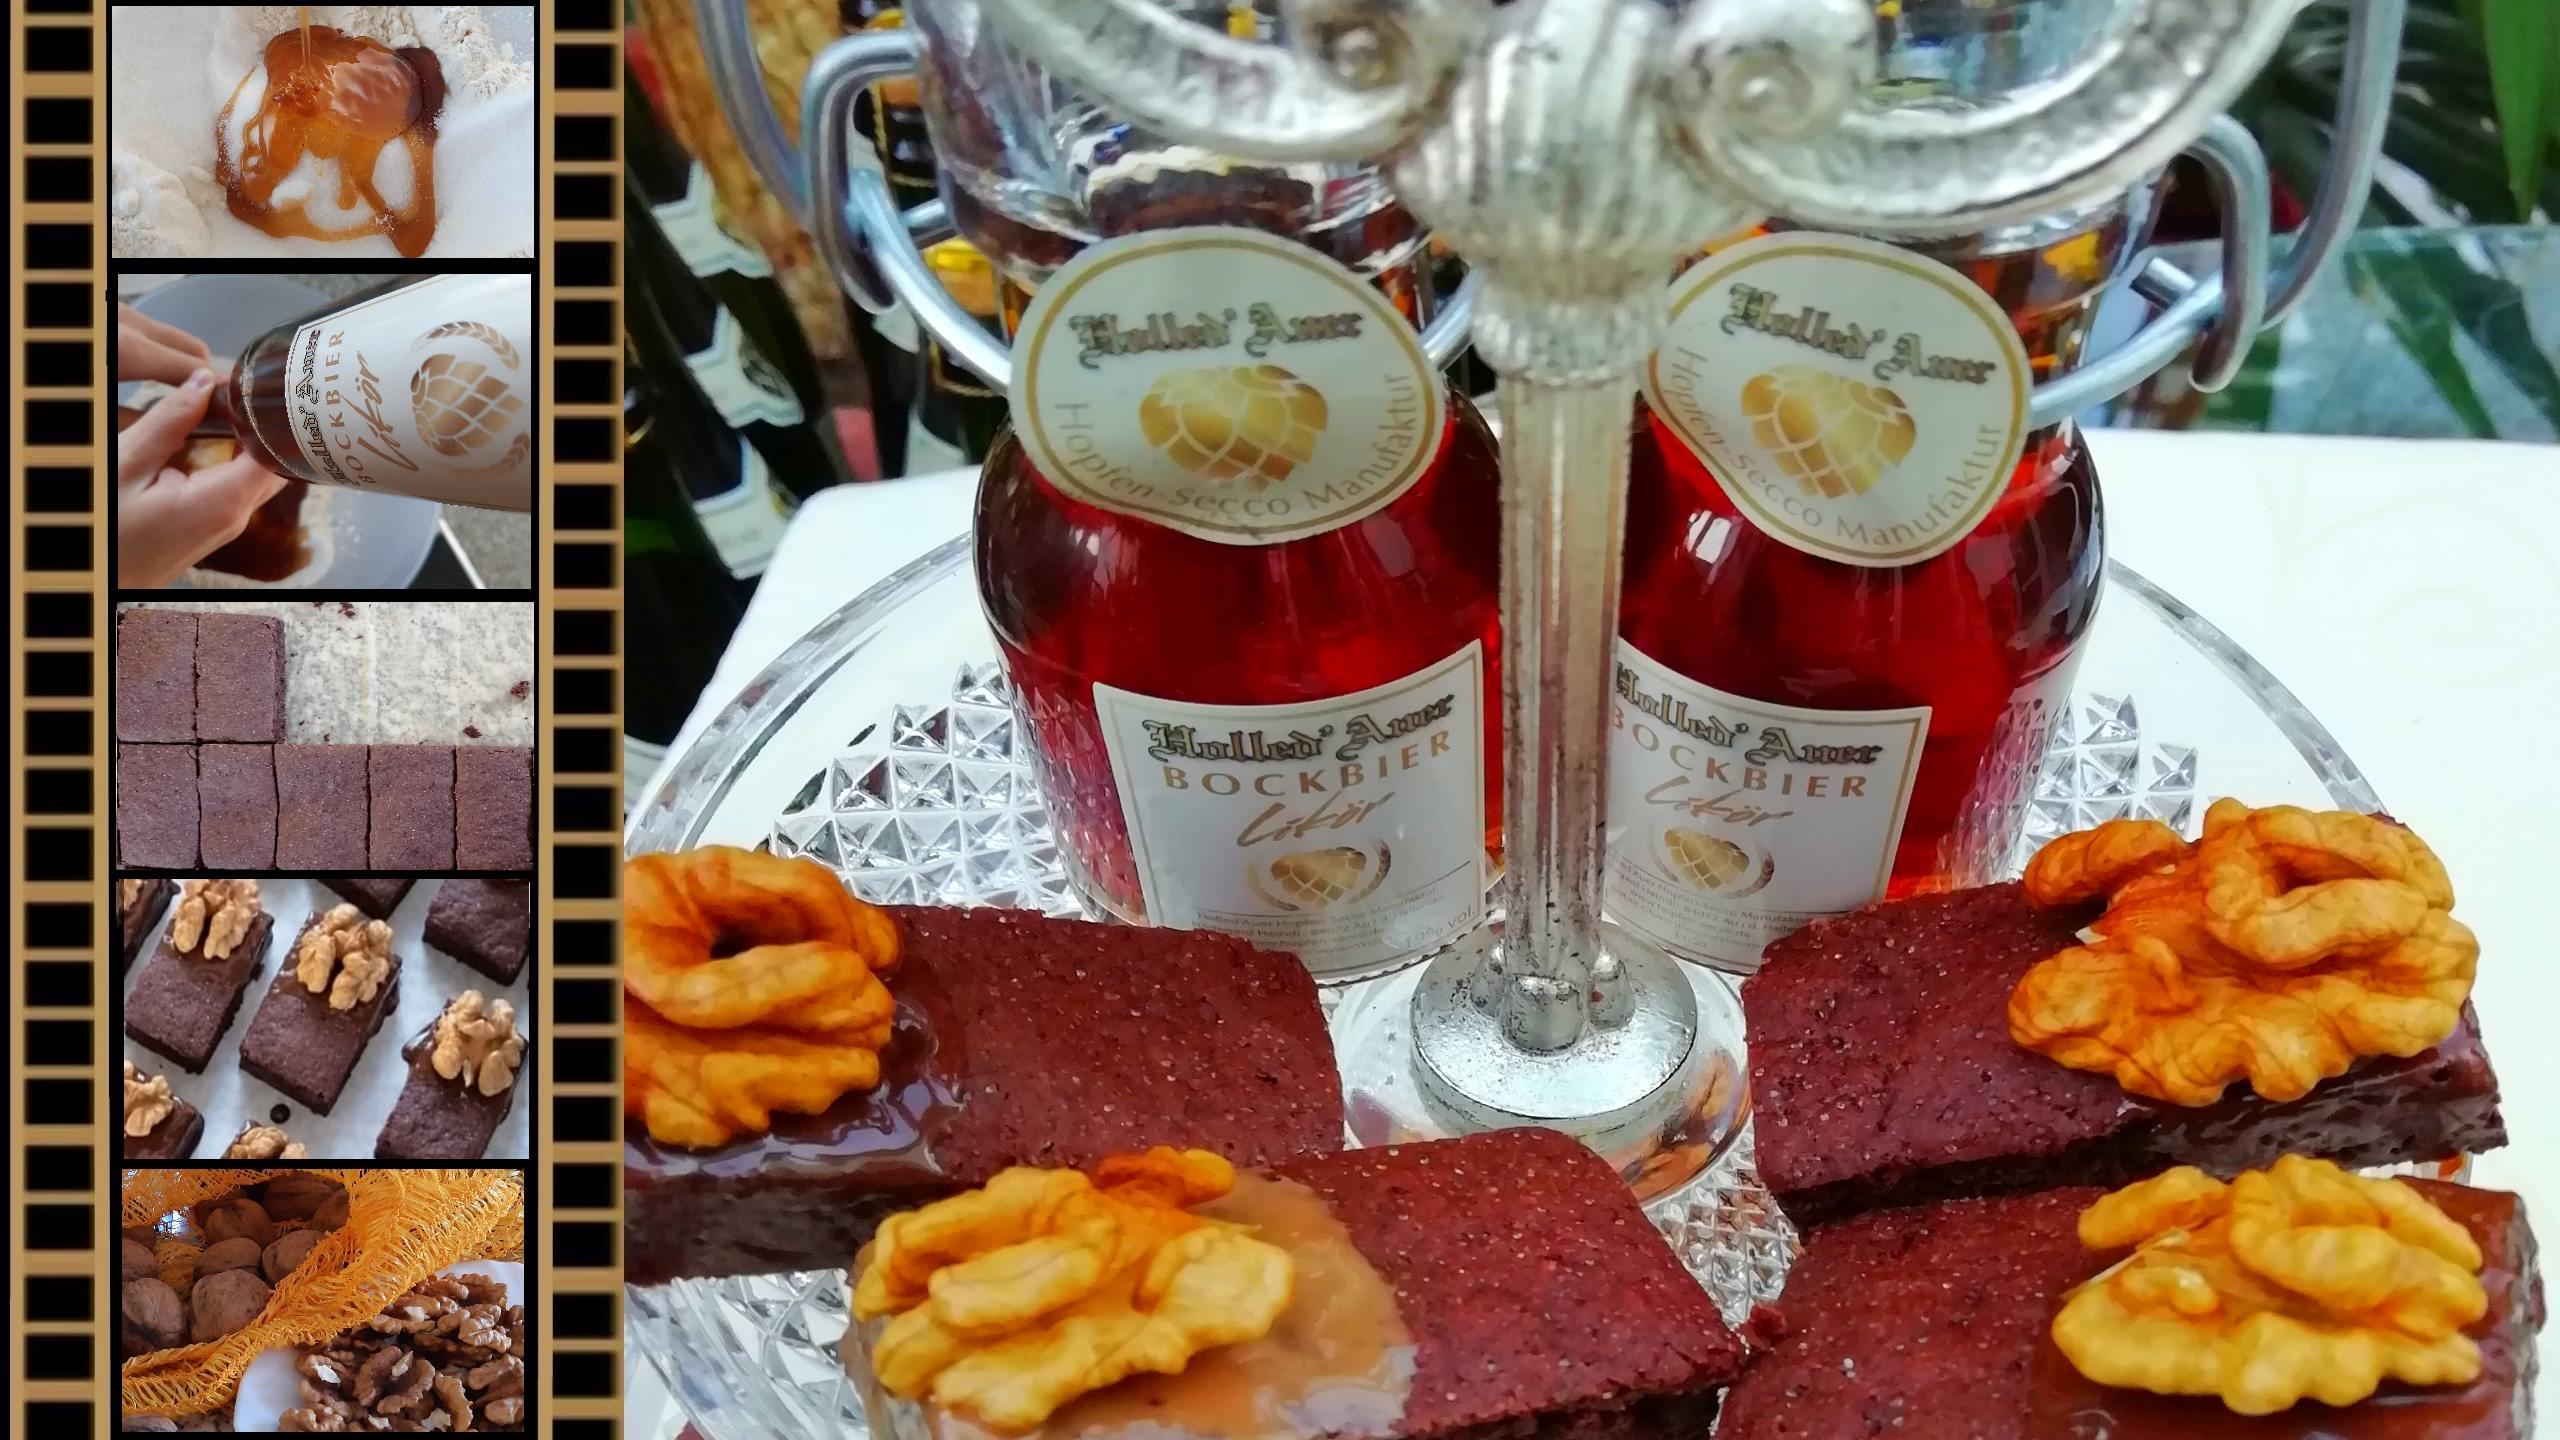 Honig-Lebkuchen mit Holled'Auer Bockbier-Likör